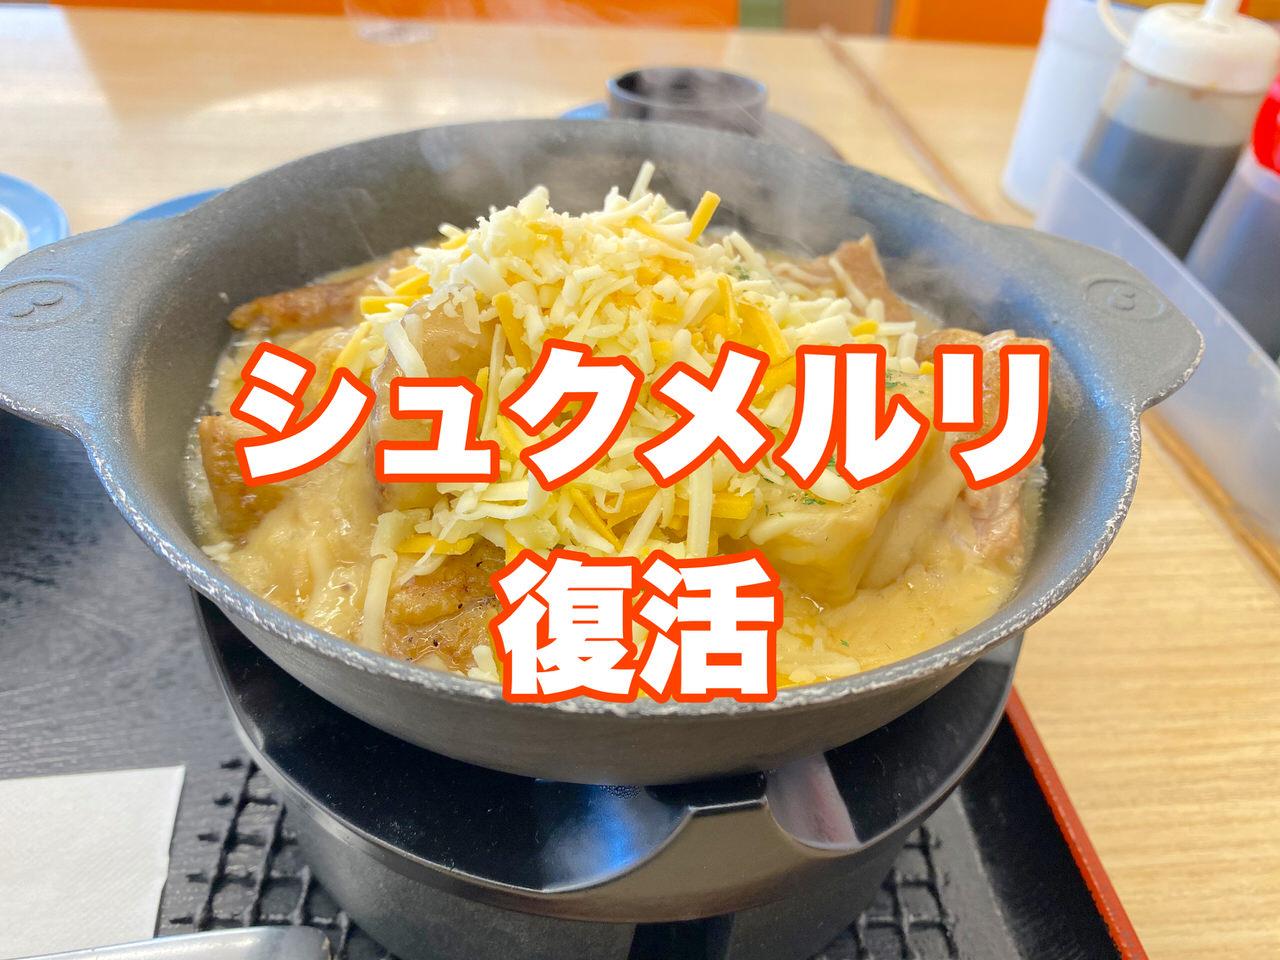 【松屋】復活した「シュクメルリ鍋」ニンニクチーズにさらに追いチーズ!最後の一口まで美味すぎた!